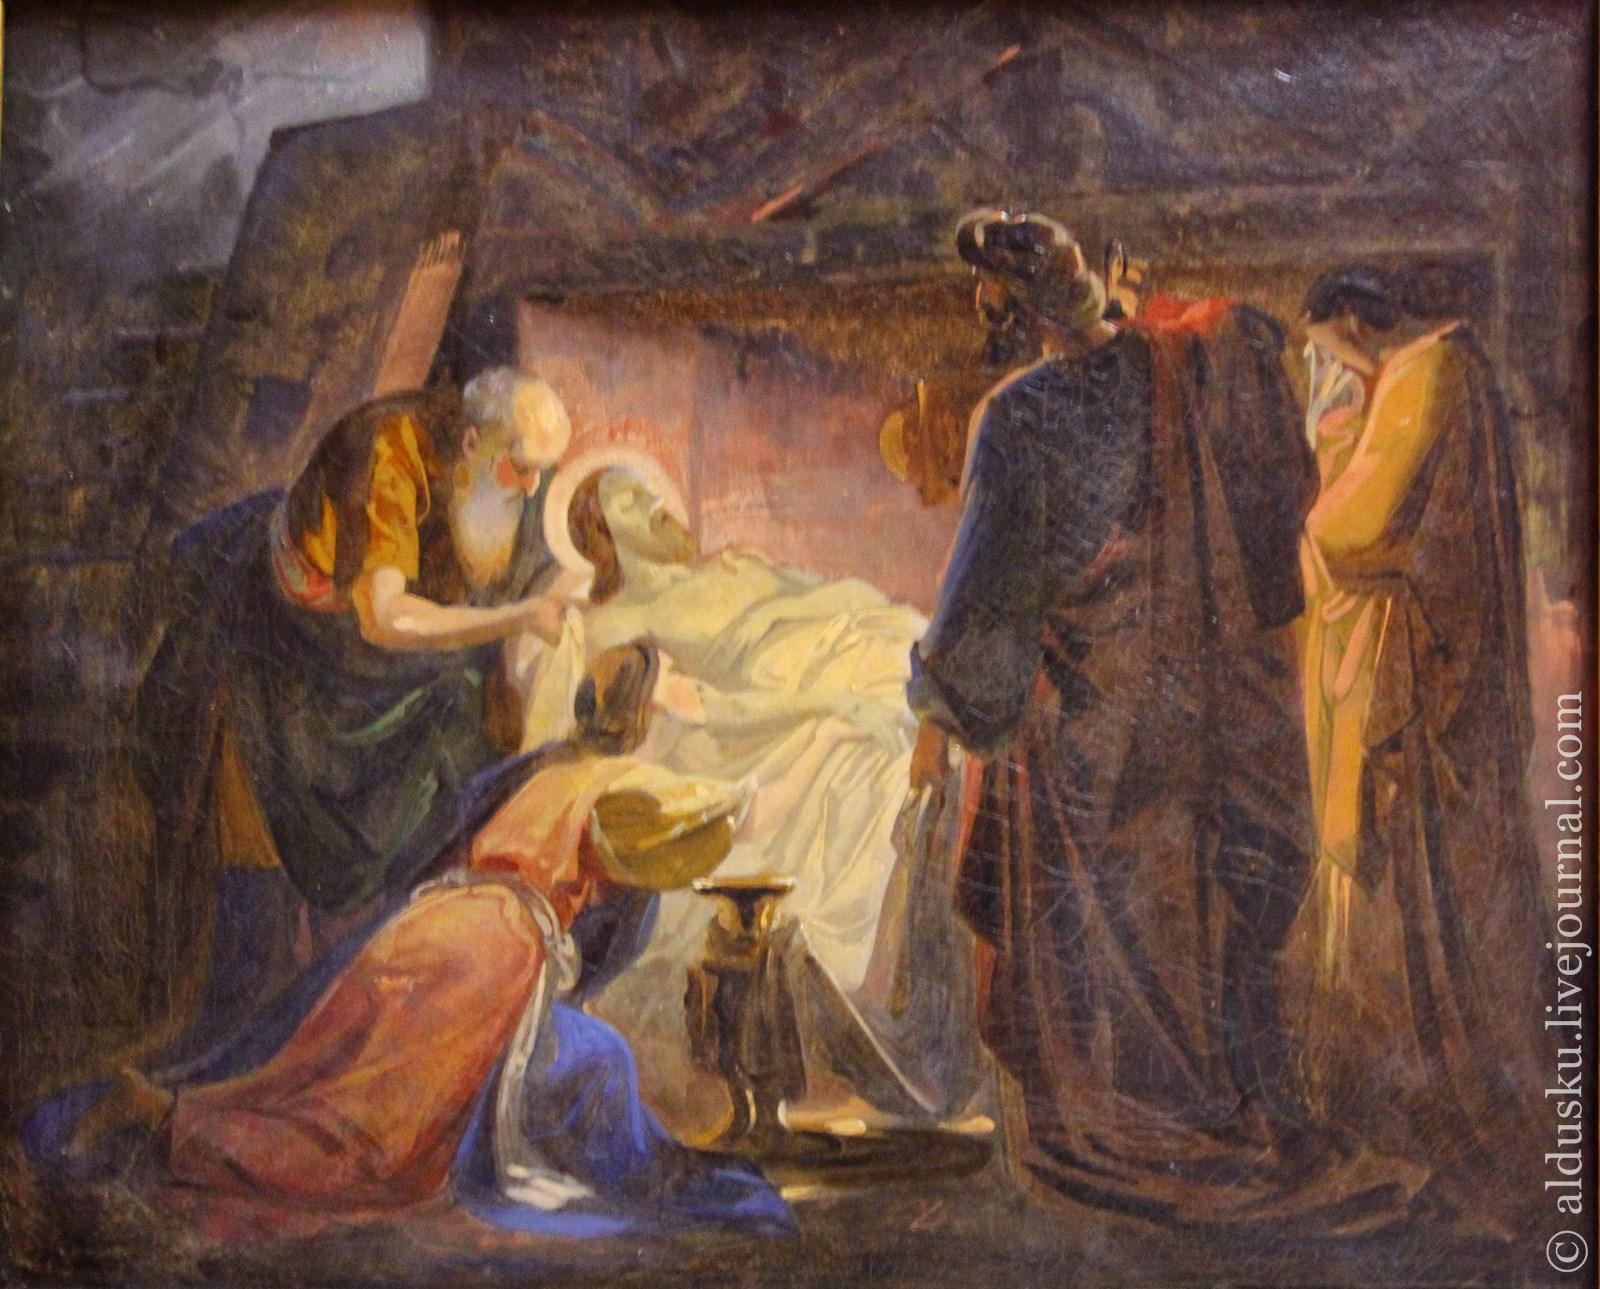 Брюллов К.П. (1799–1852) Положение во гроб. Эскиз. 1836–начало 1840-х Холст, масло